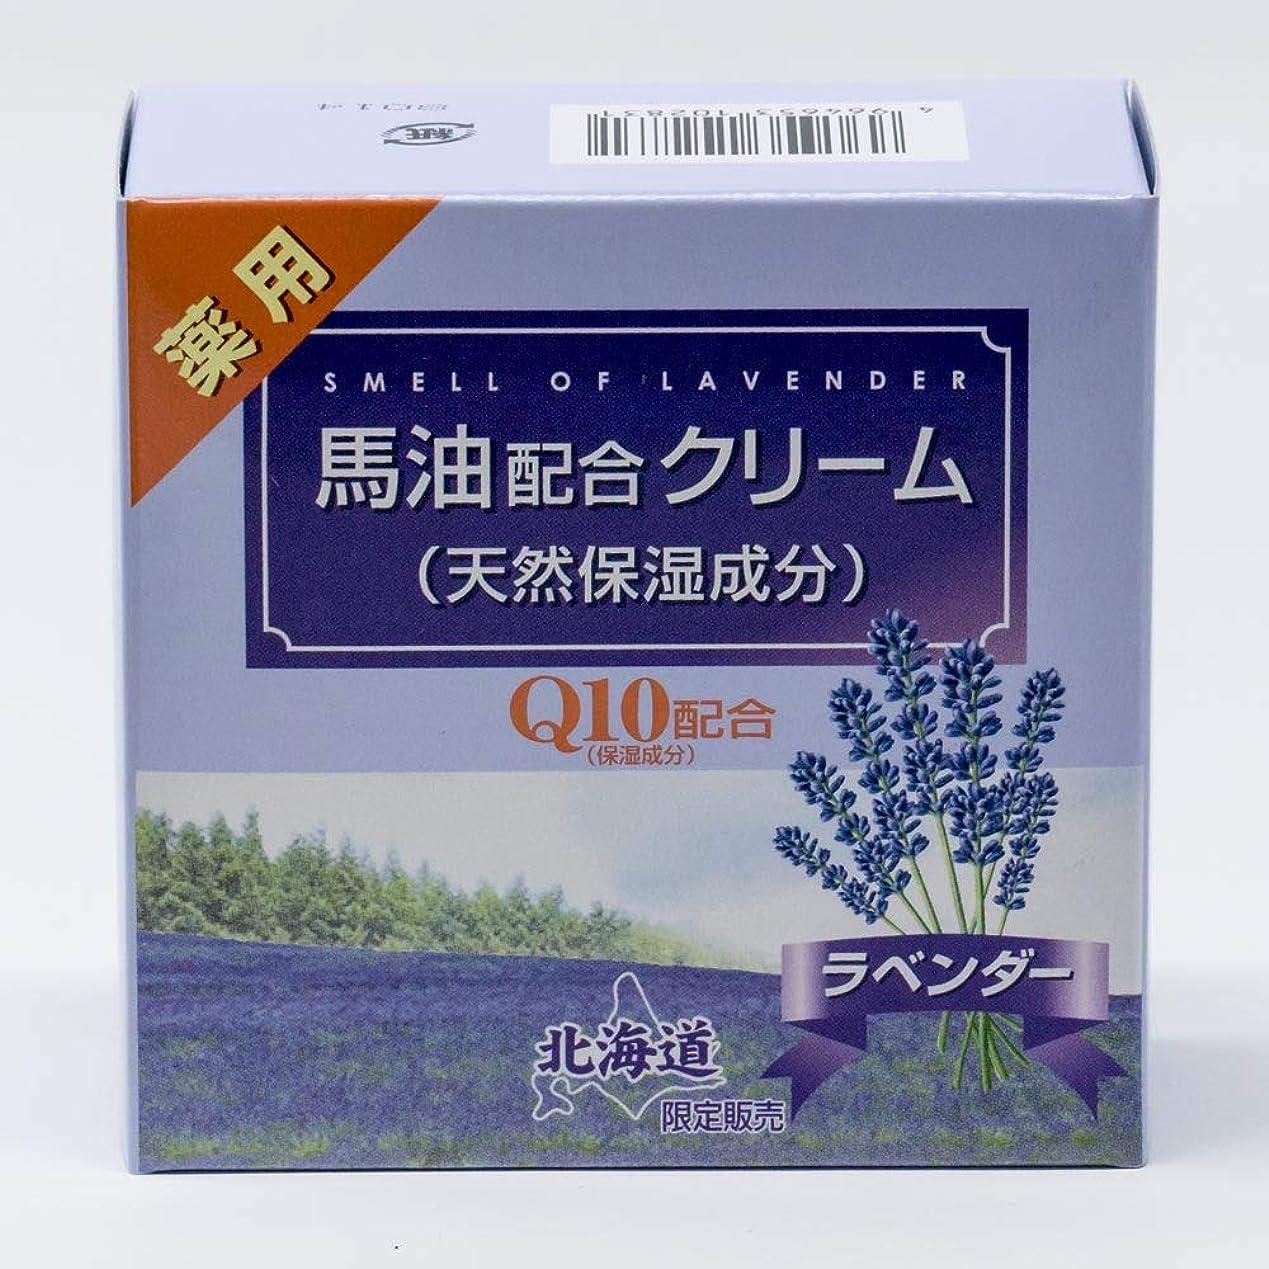 急速なばかげた永久に薬用 馬油配合クリーム ラベンダーの香り 保湿成分Q10配合